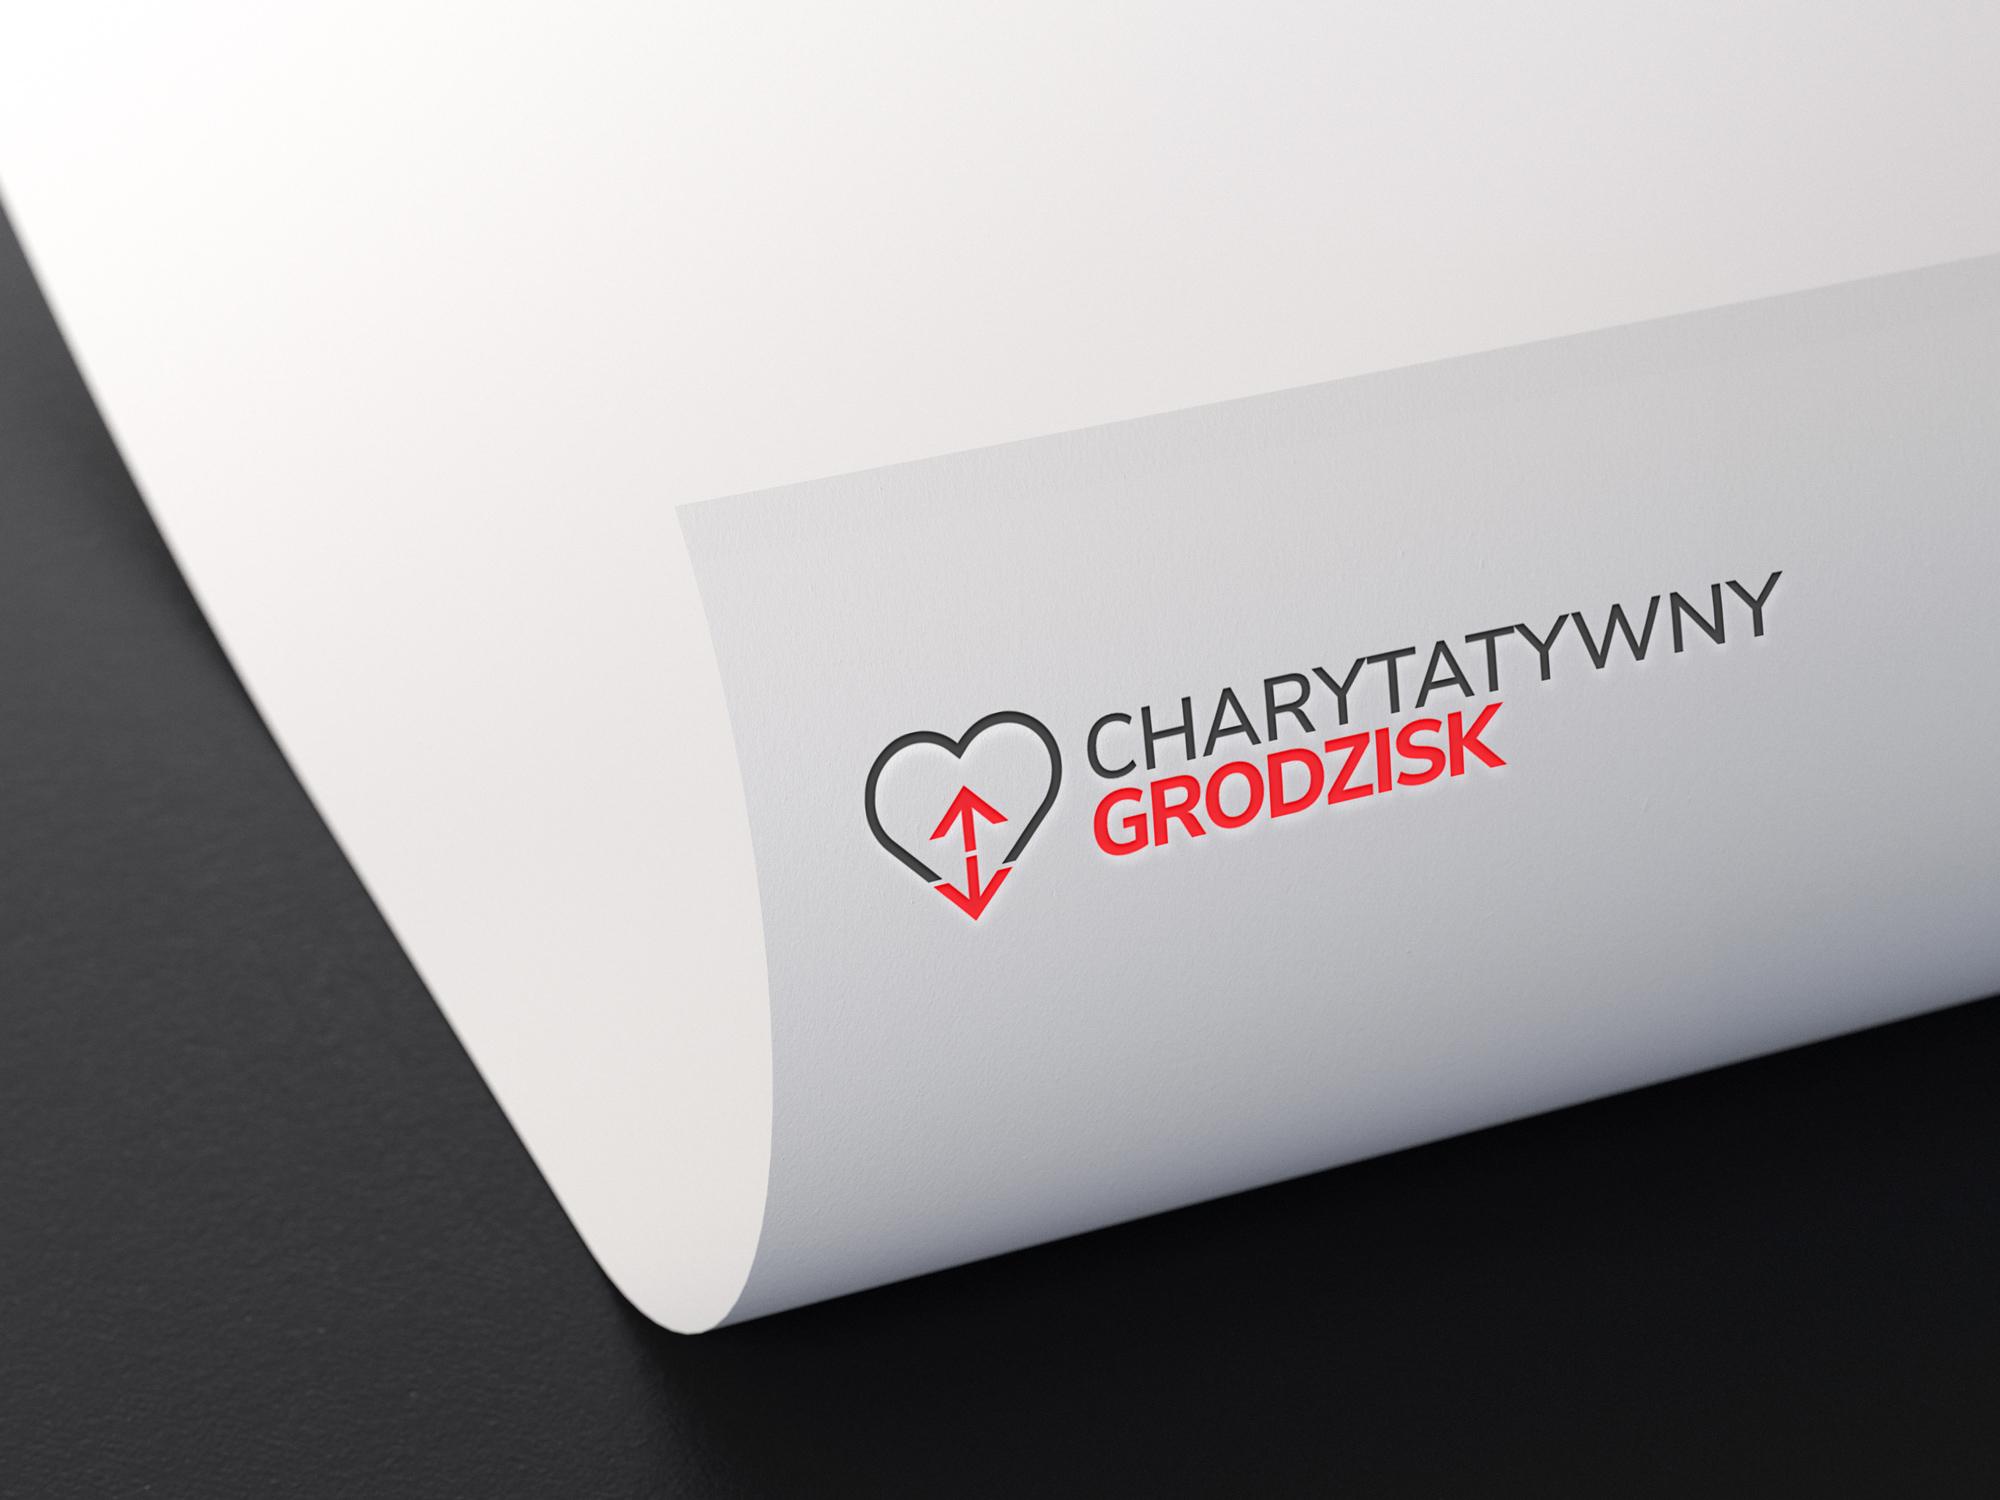 zdjecie realizacja charytatywny grodzisk 1